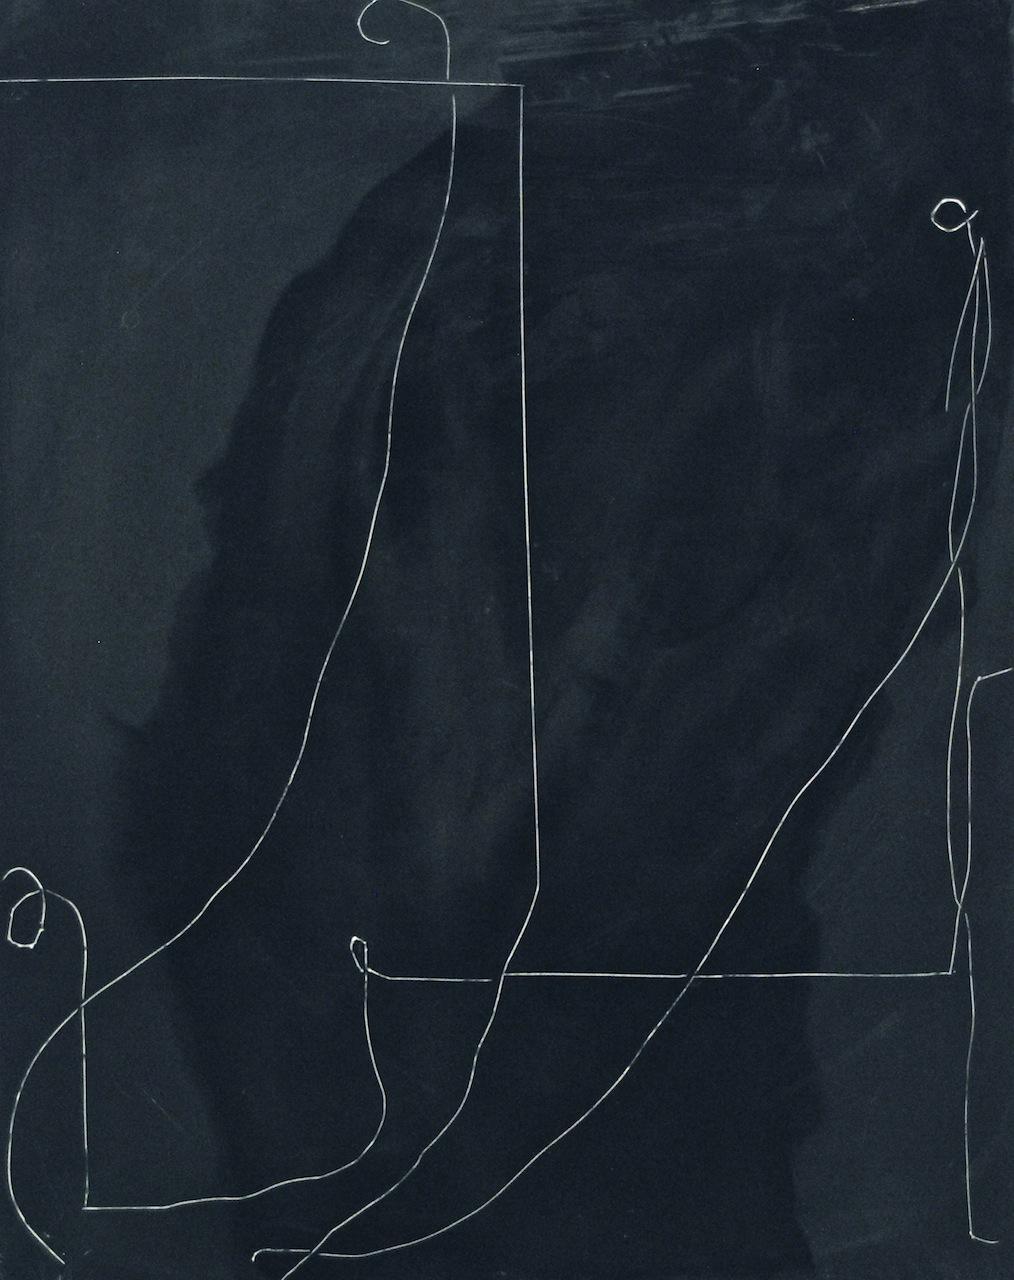 Peter Flaccus, Cradle, 2010, encausto su tavola, cm 43x34